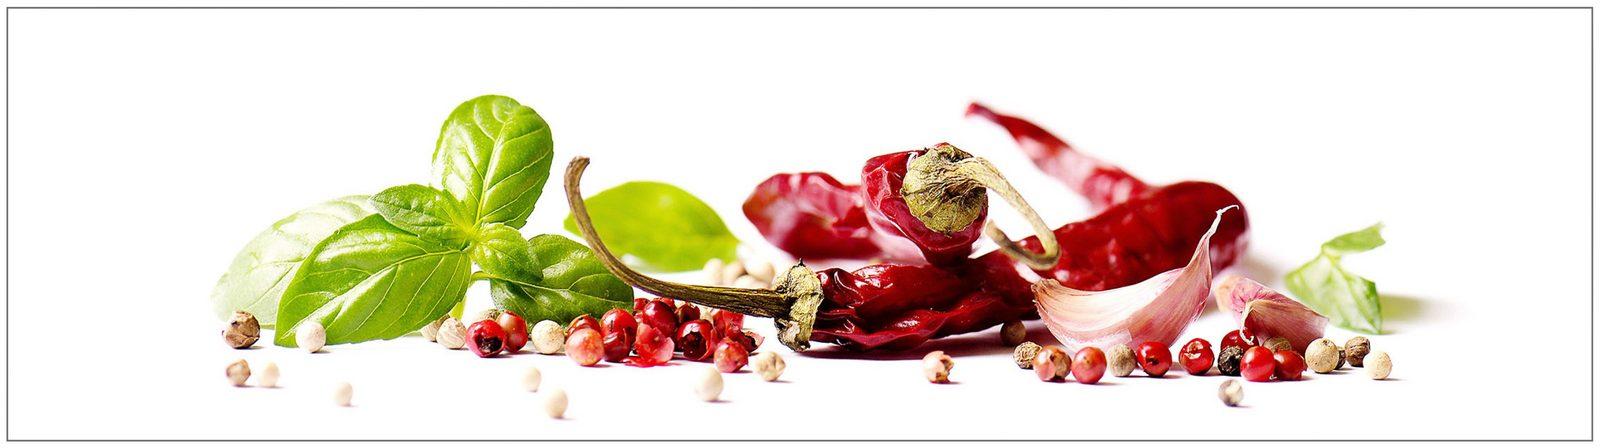 Küchenrückwand - Spritzschutz »profix«, Herbs & Spice, 220x60 cm - broschei